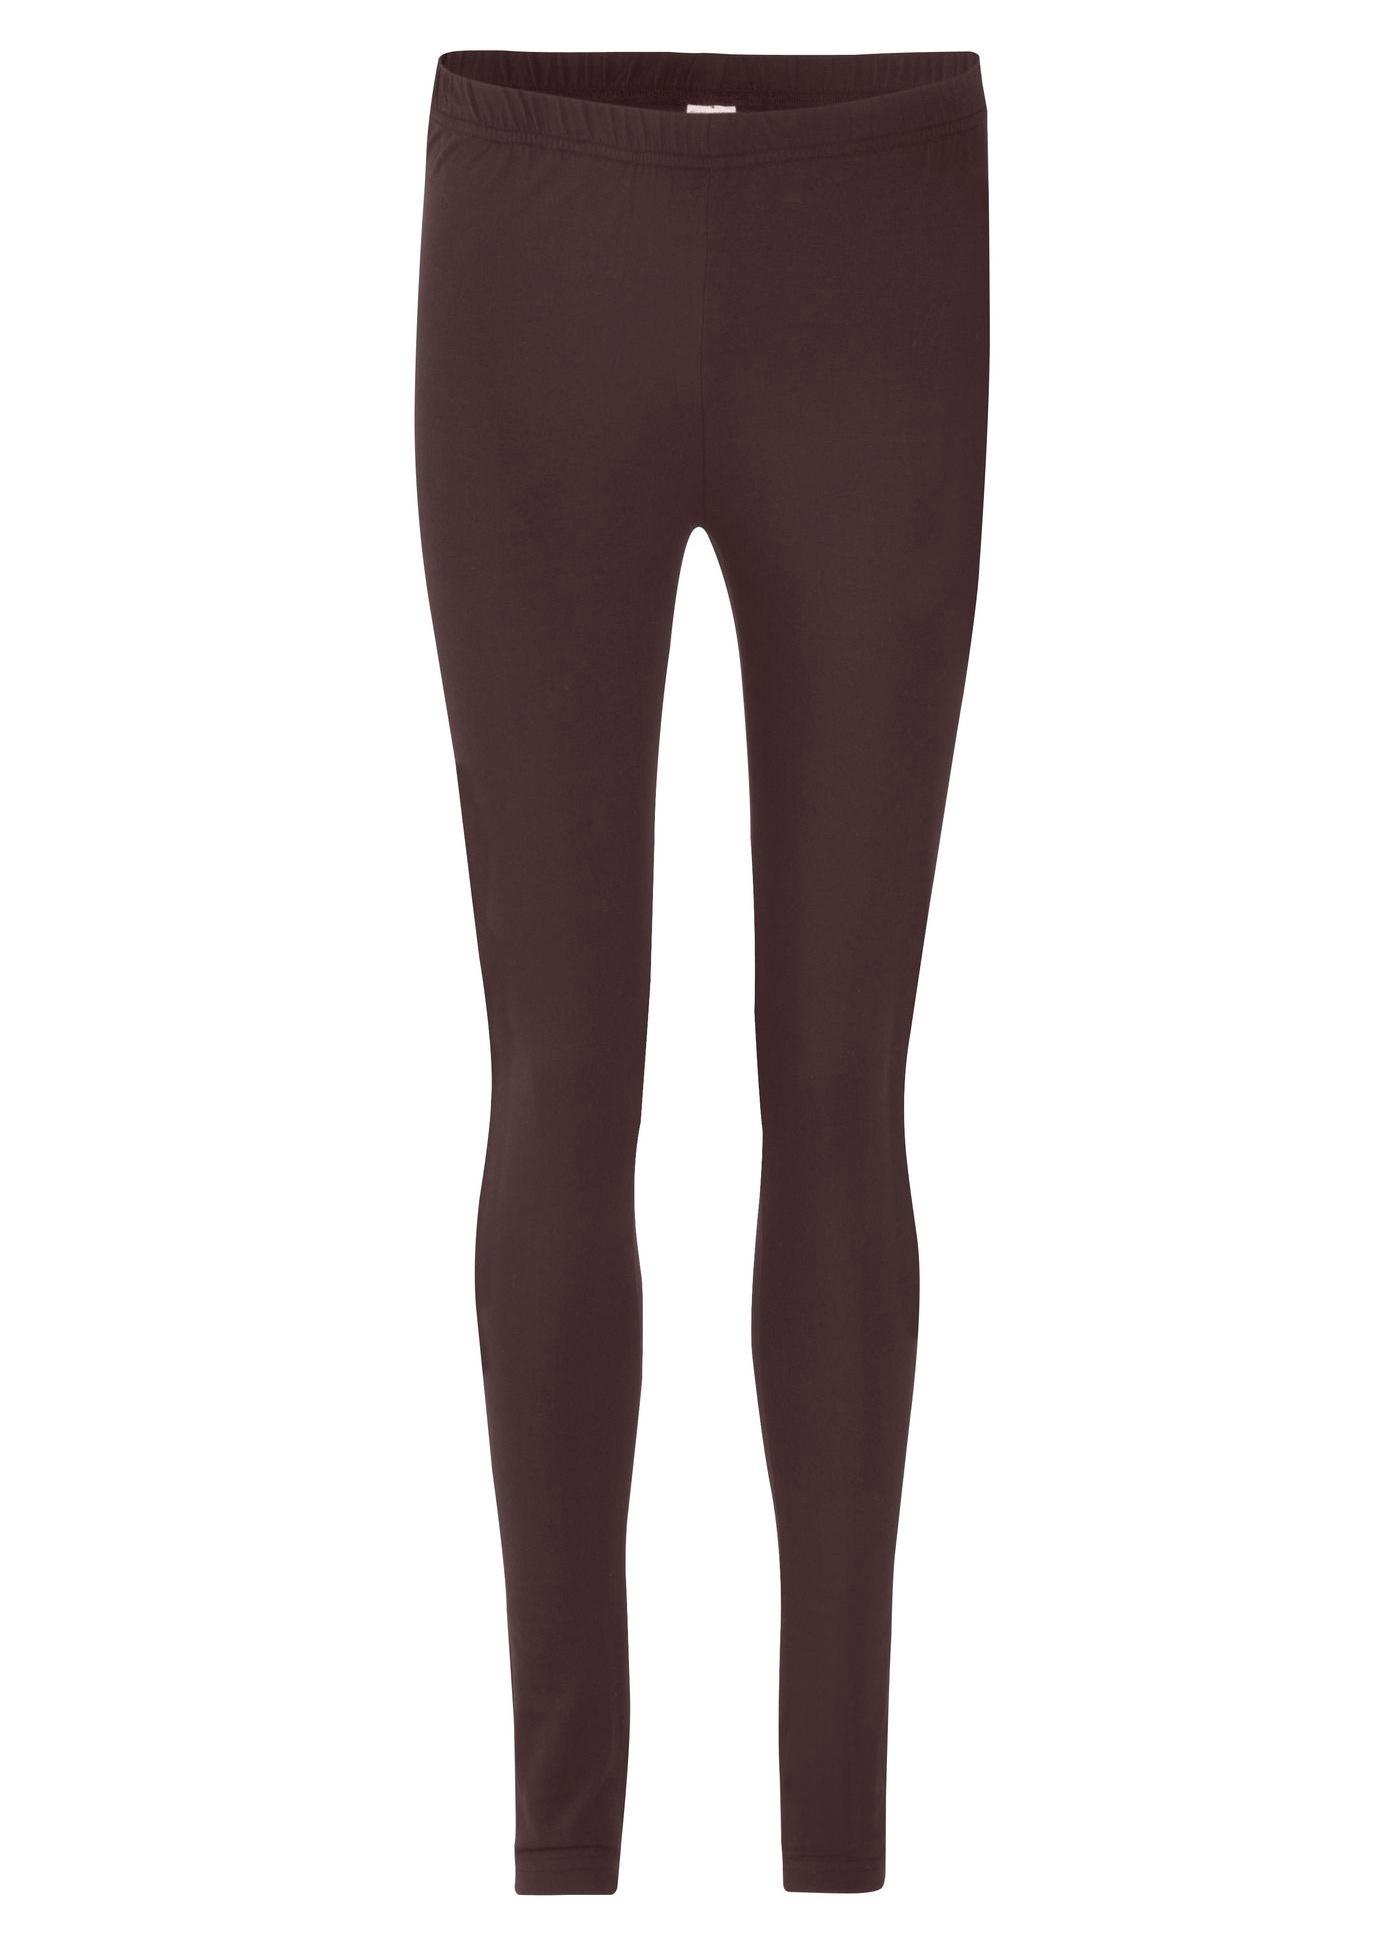 Legging marron très près du corps femme -...